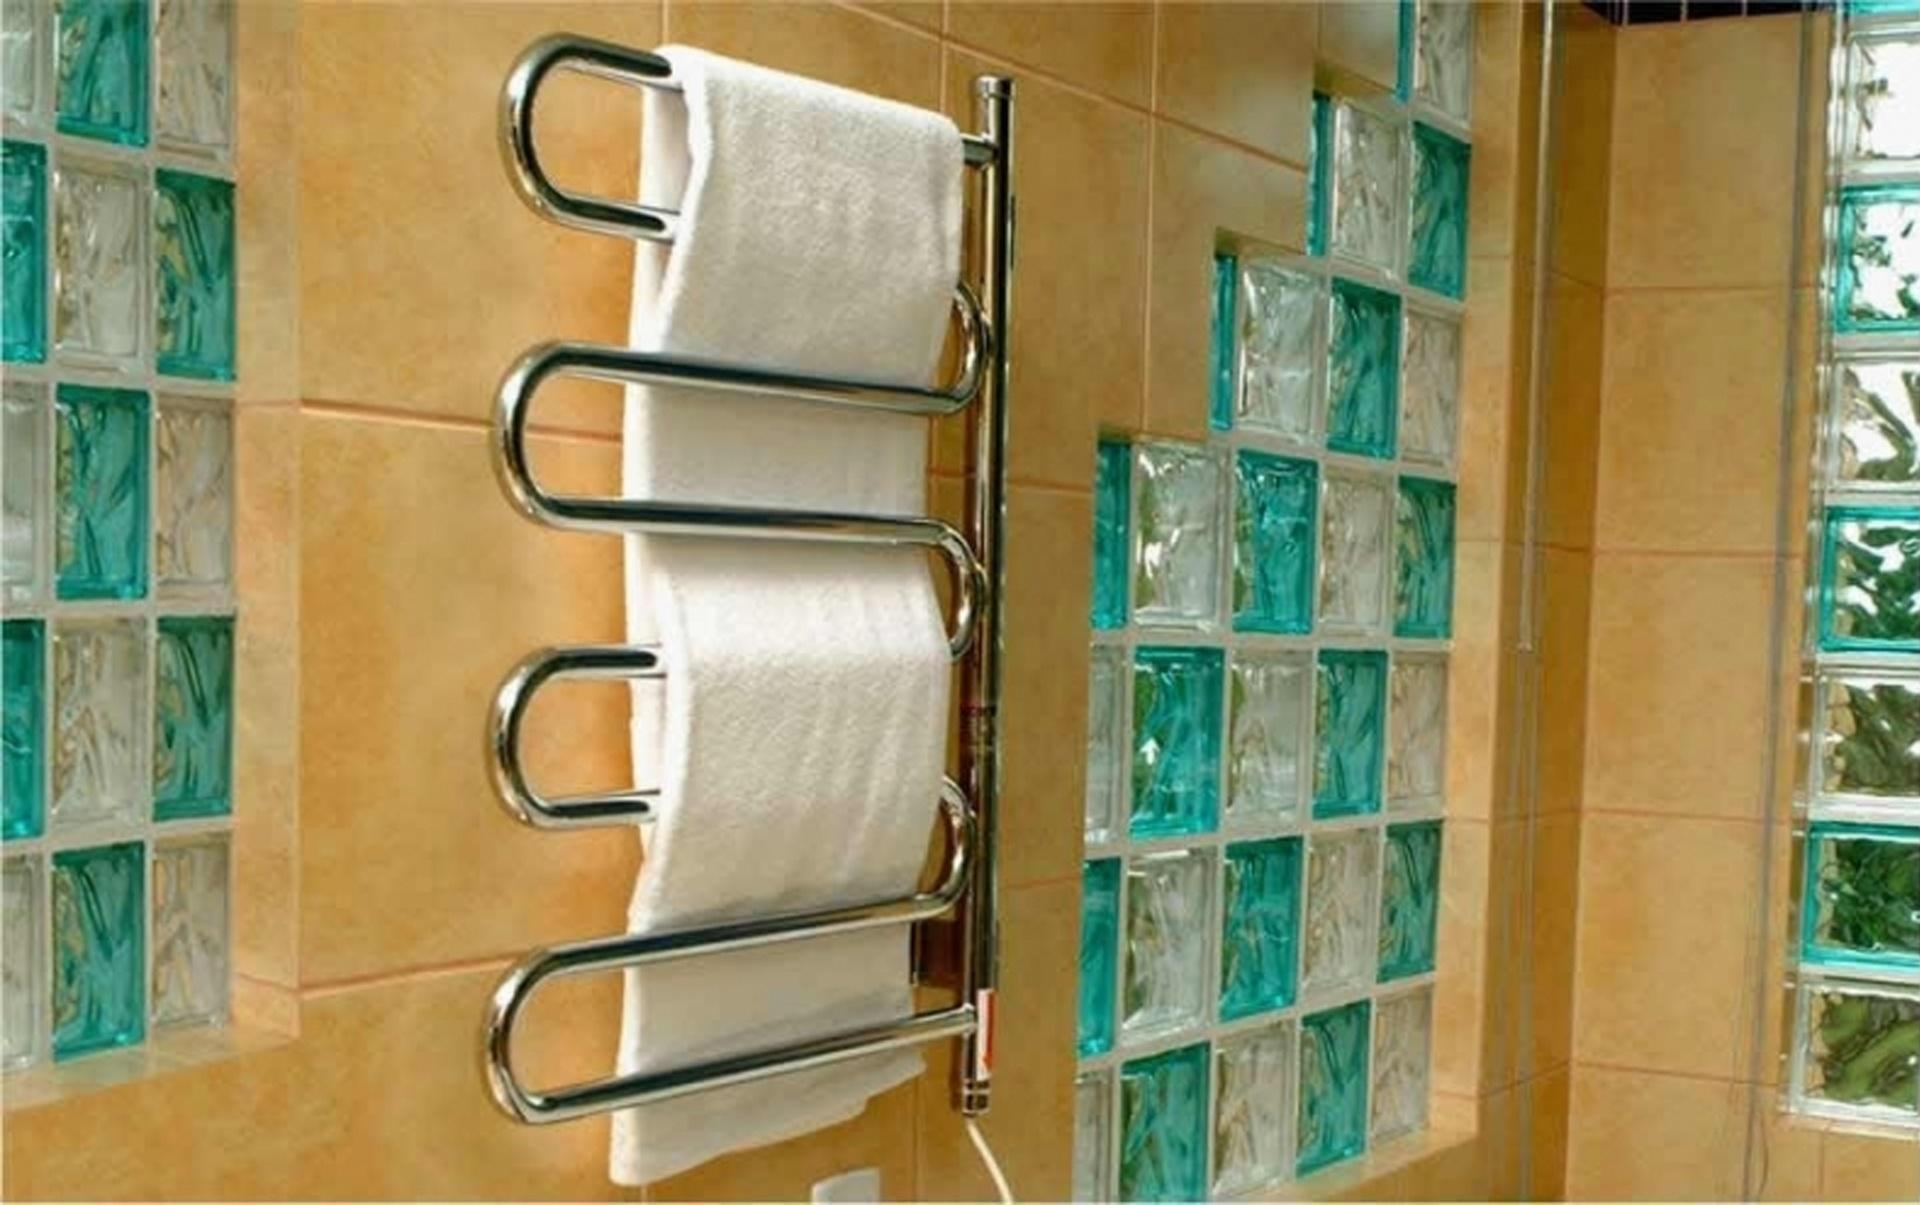 O toalheiro Térmico Nóbile, da Seccare, mantém as toalhas secas e aquecidas e pode ser comprado na Obravip.com (www.obravip.com) por R$ 1.656. O produto mede 75,2 cm por 55,5 cm por 8 cm I Preços pesquisados em julho de 2014 e sujeitos a alterações